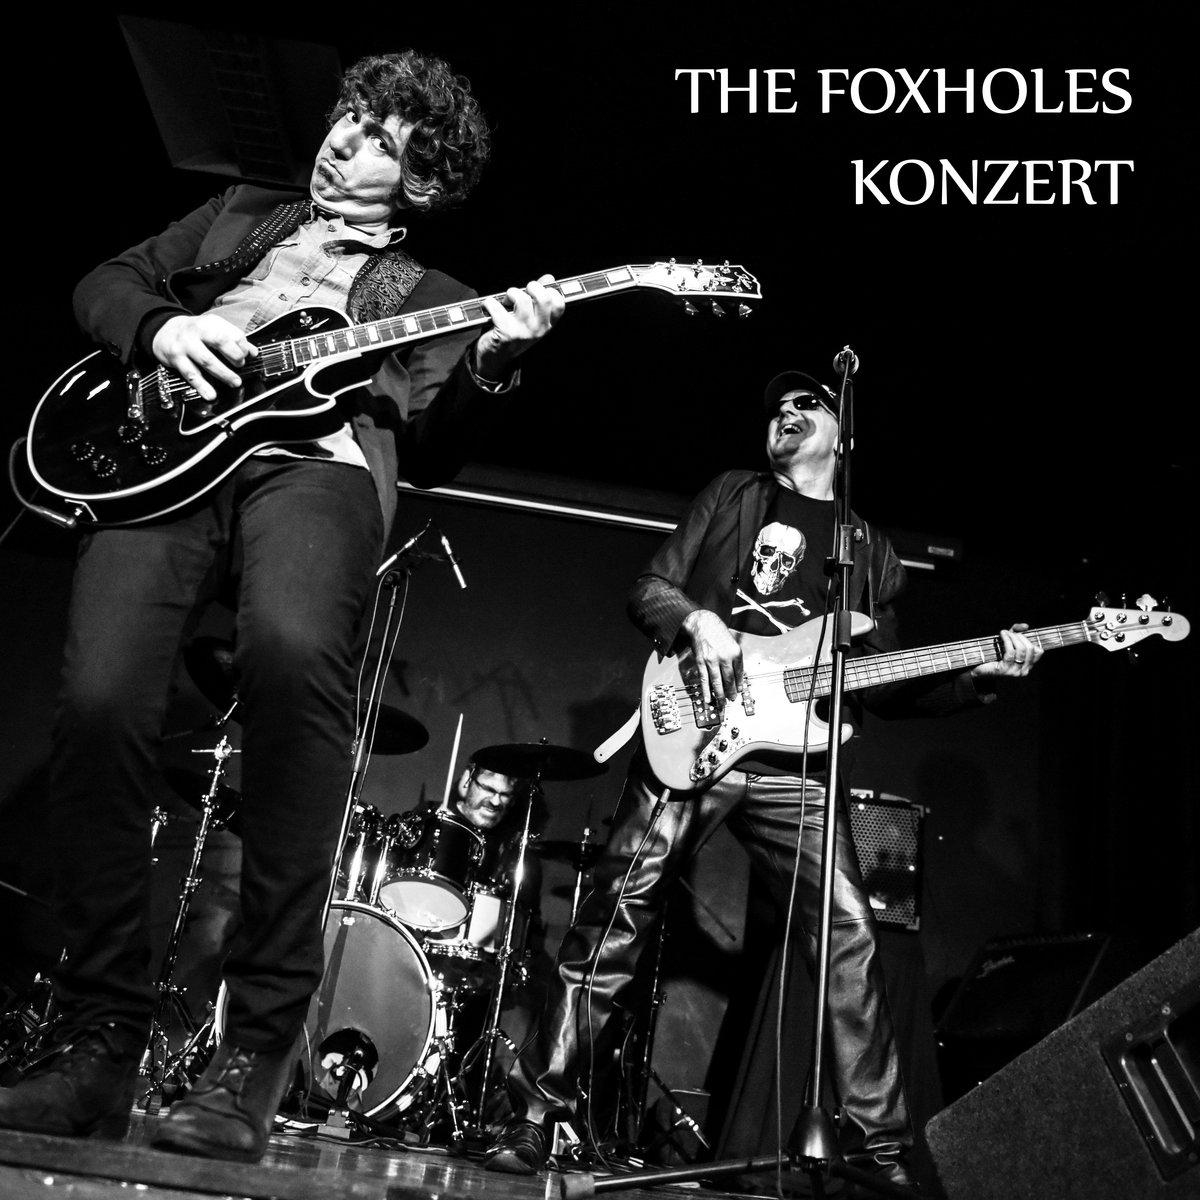 TheFoxholes